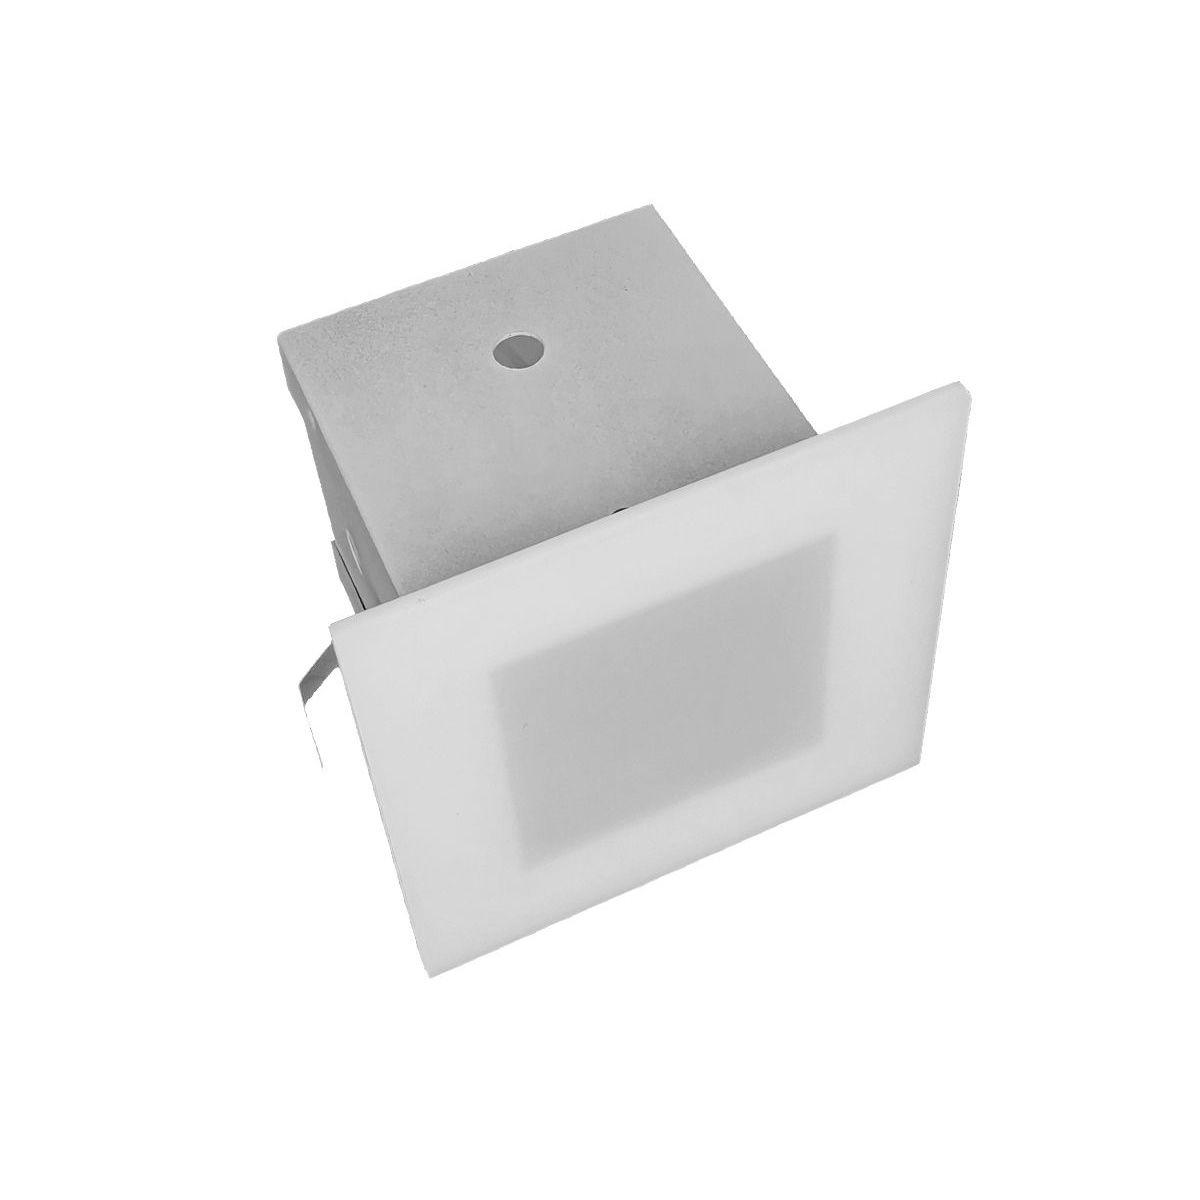 Plafon de Embutir Quadrado 1X25W G9 Branco - Titan